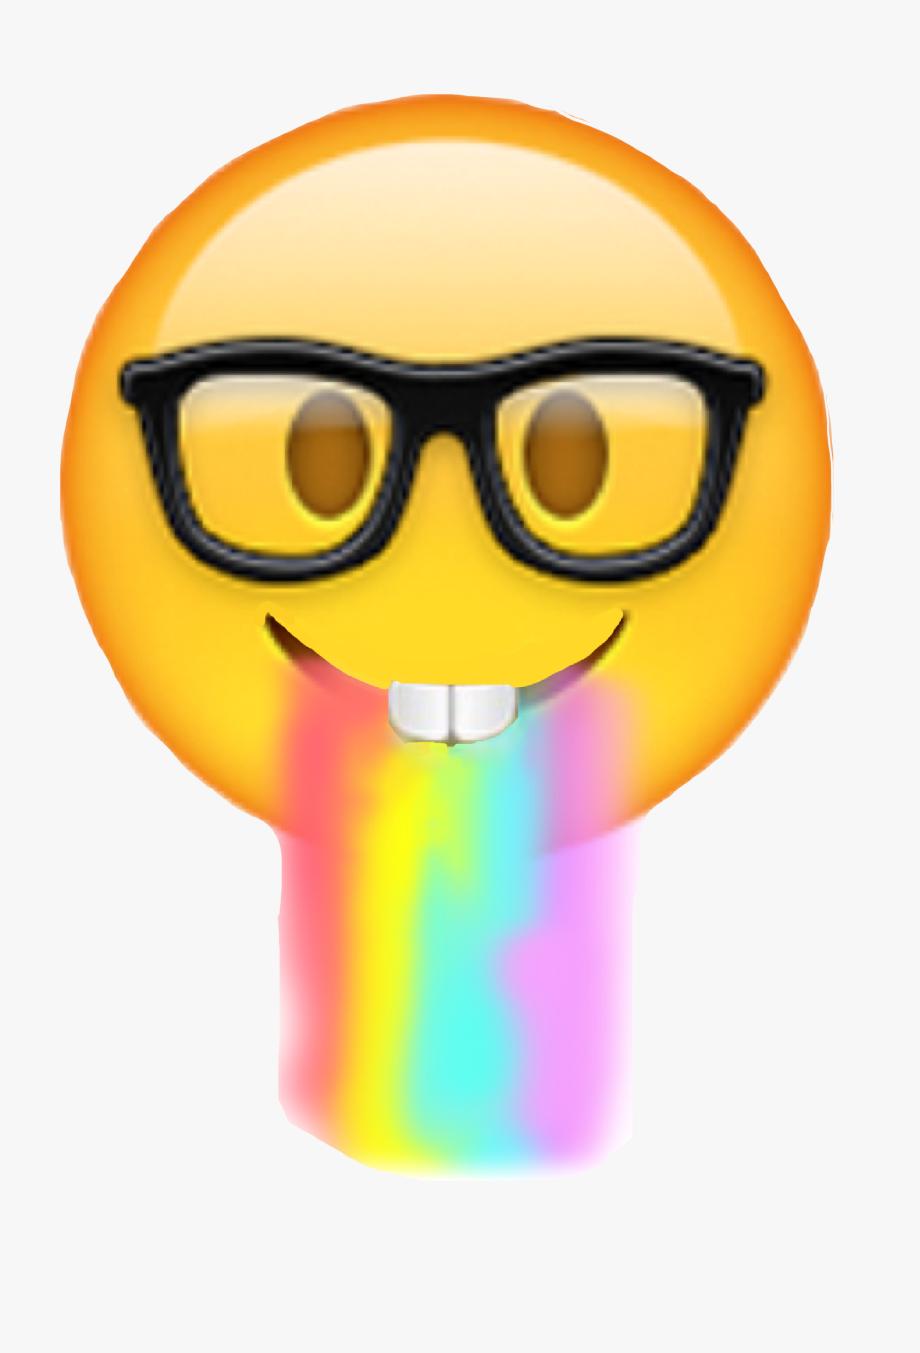 Text Sticker Smiley Messaging Whatsapp Emoji.